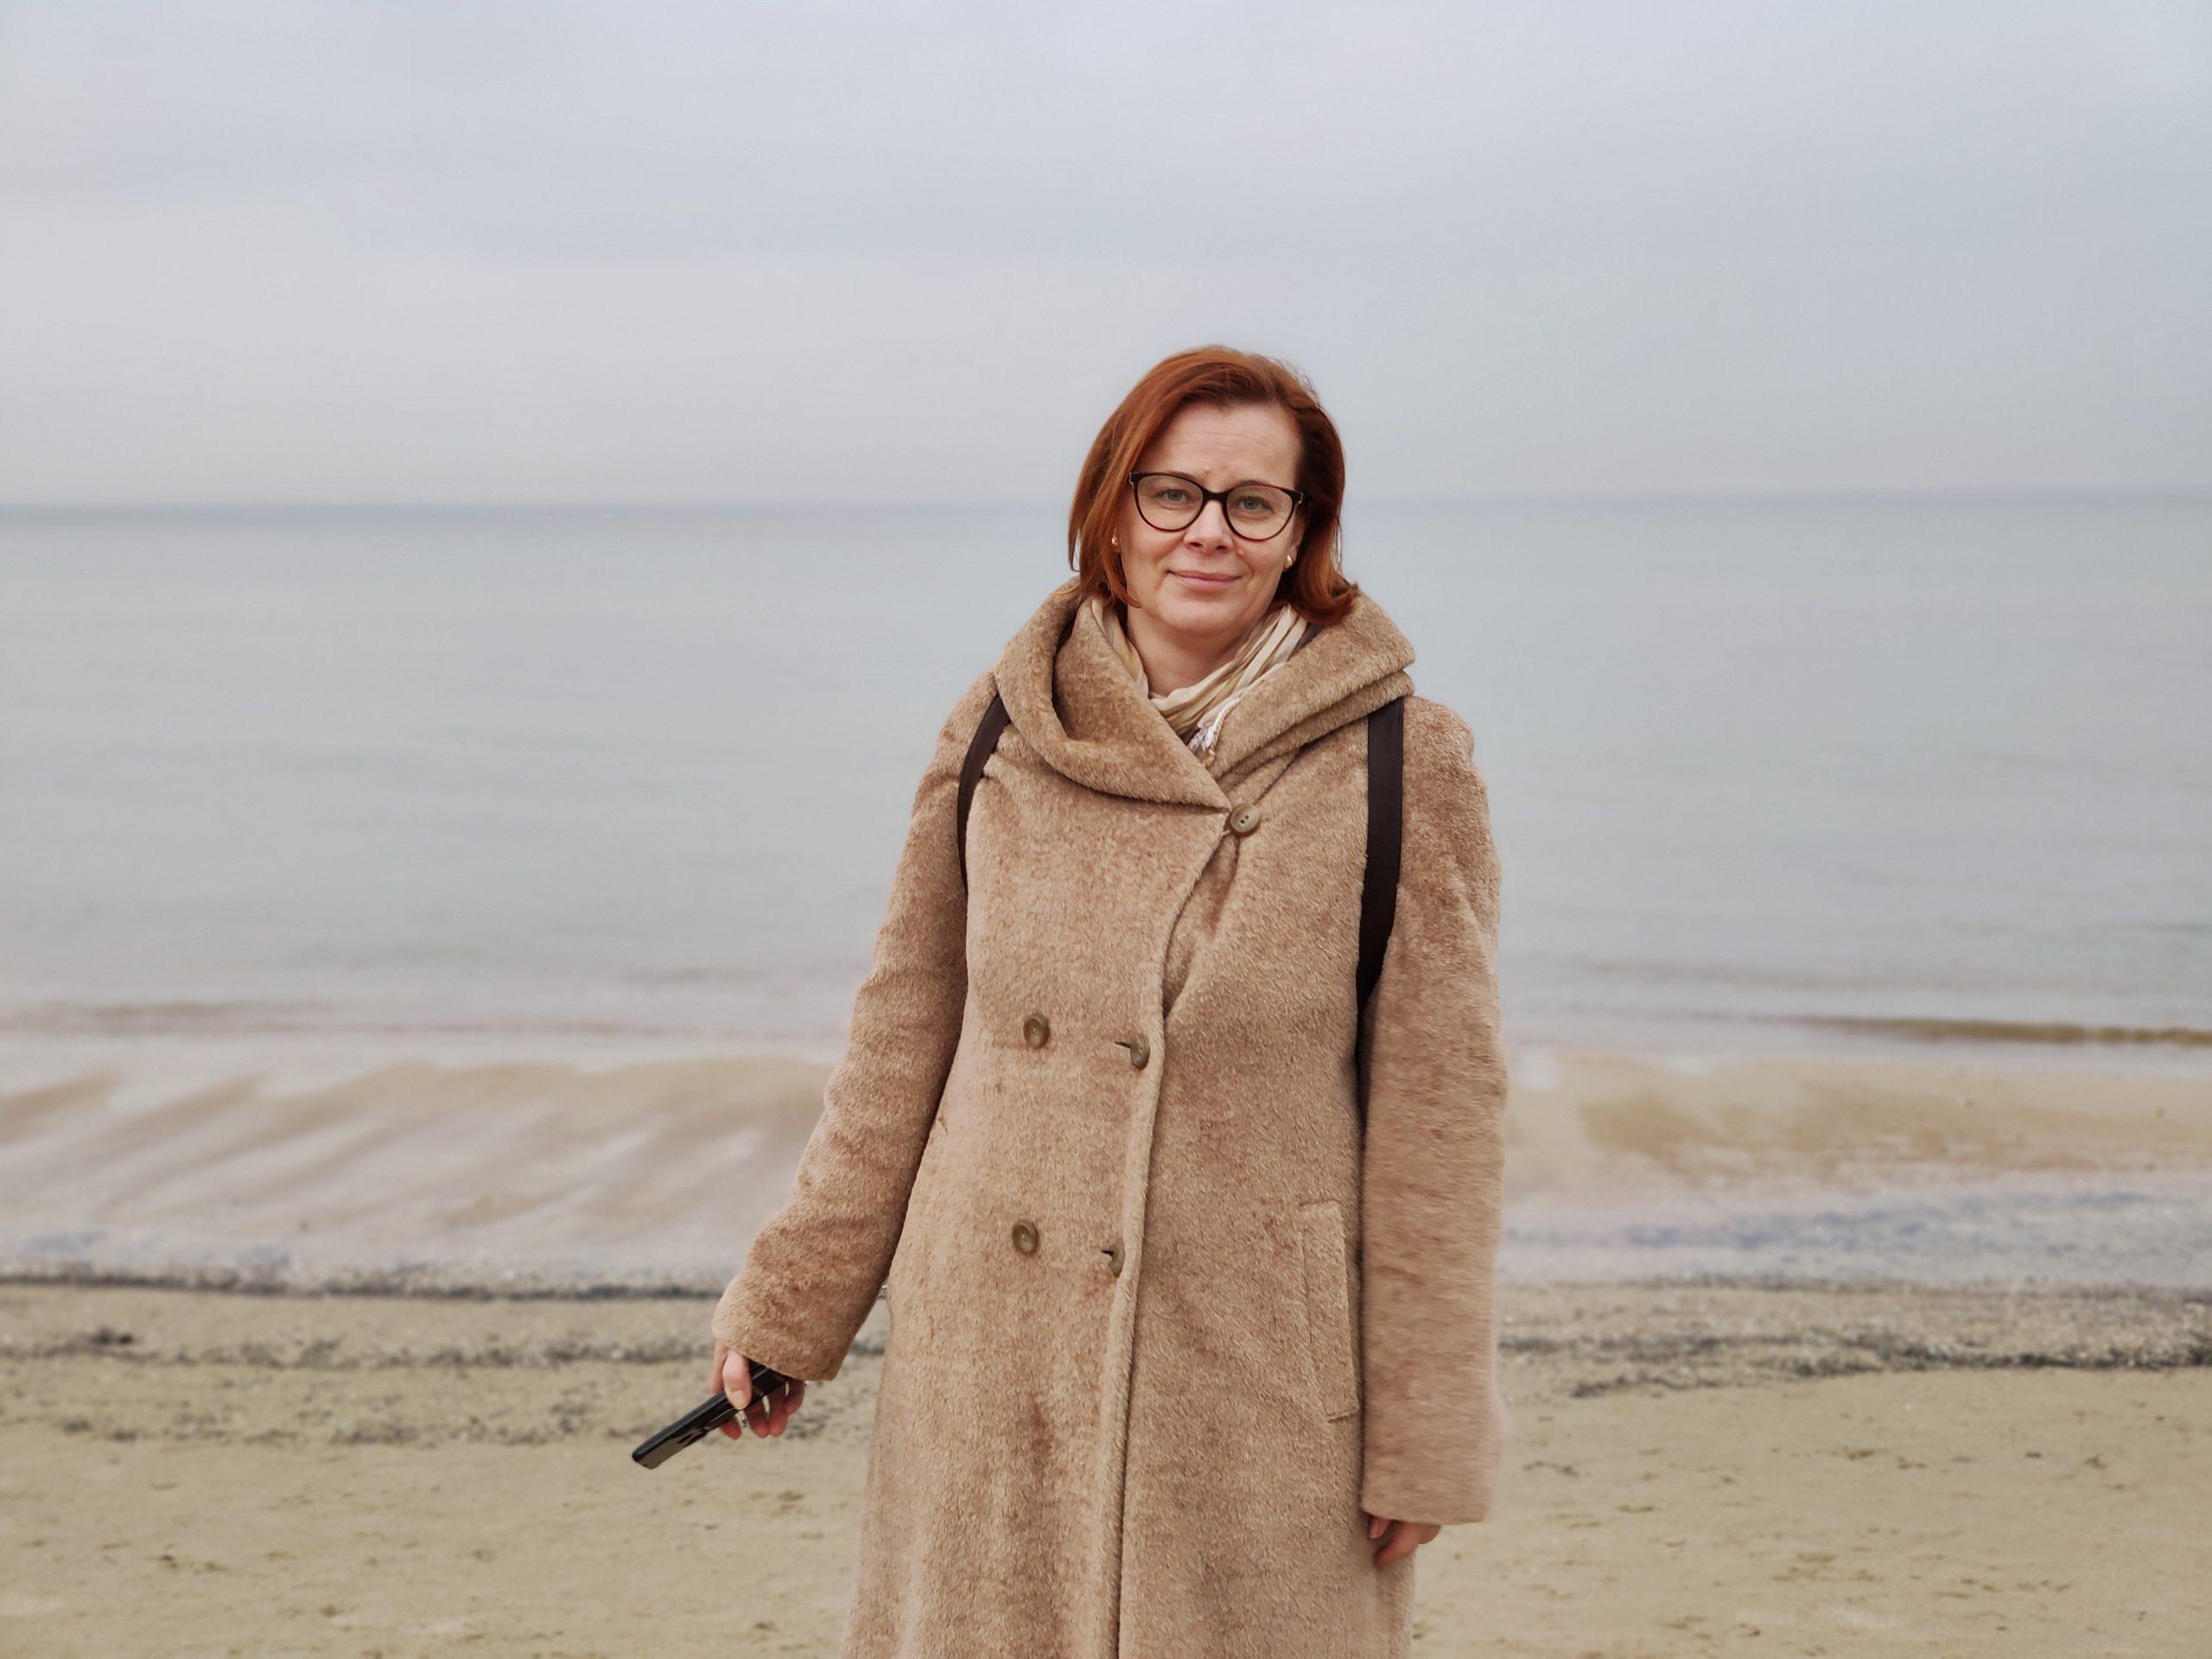 """""""O odporności"""" - rozmowa z Panią dietetyk mgr Katarzyną Lisewską 1"""